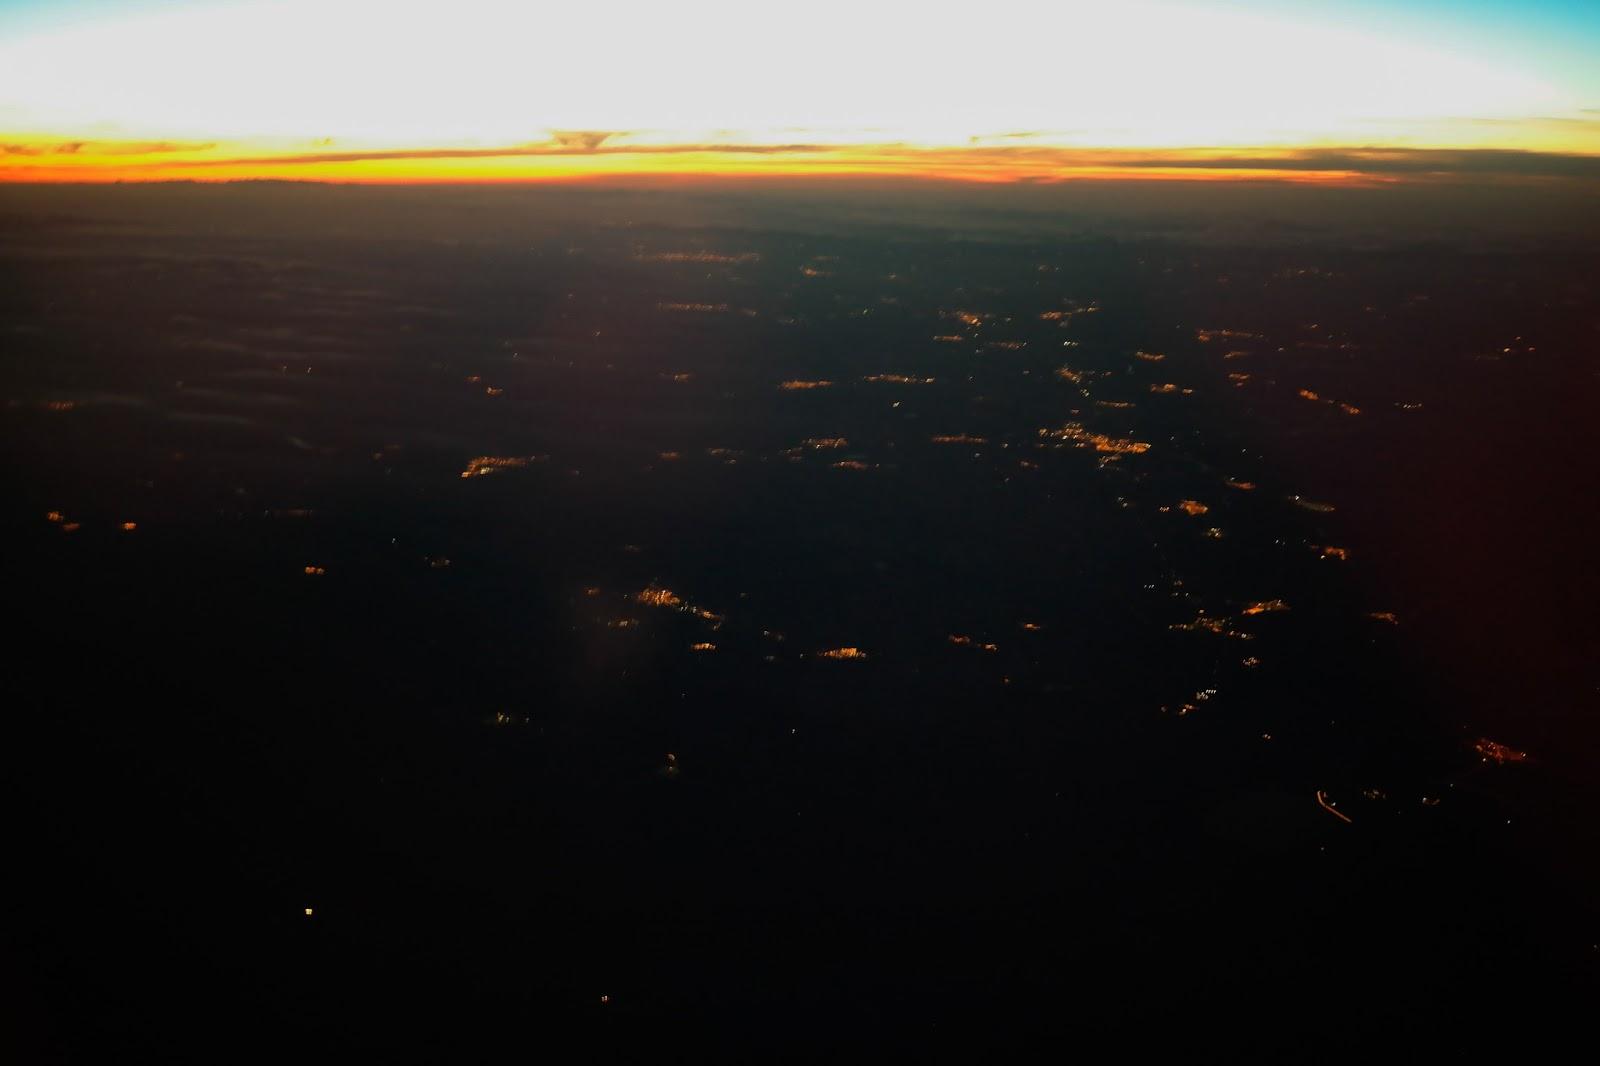 Widok oświetlonego miasta z lotu ptaka.